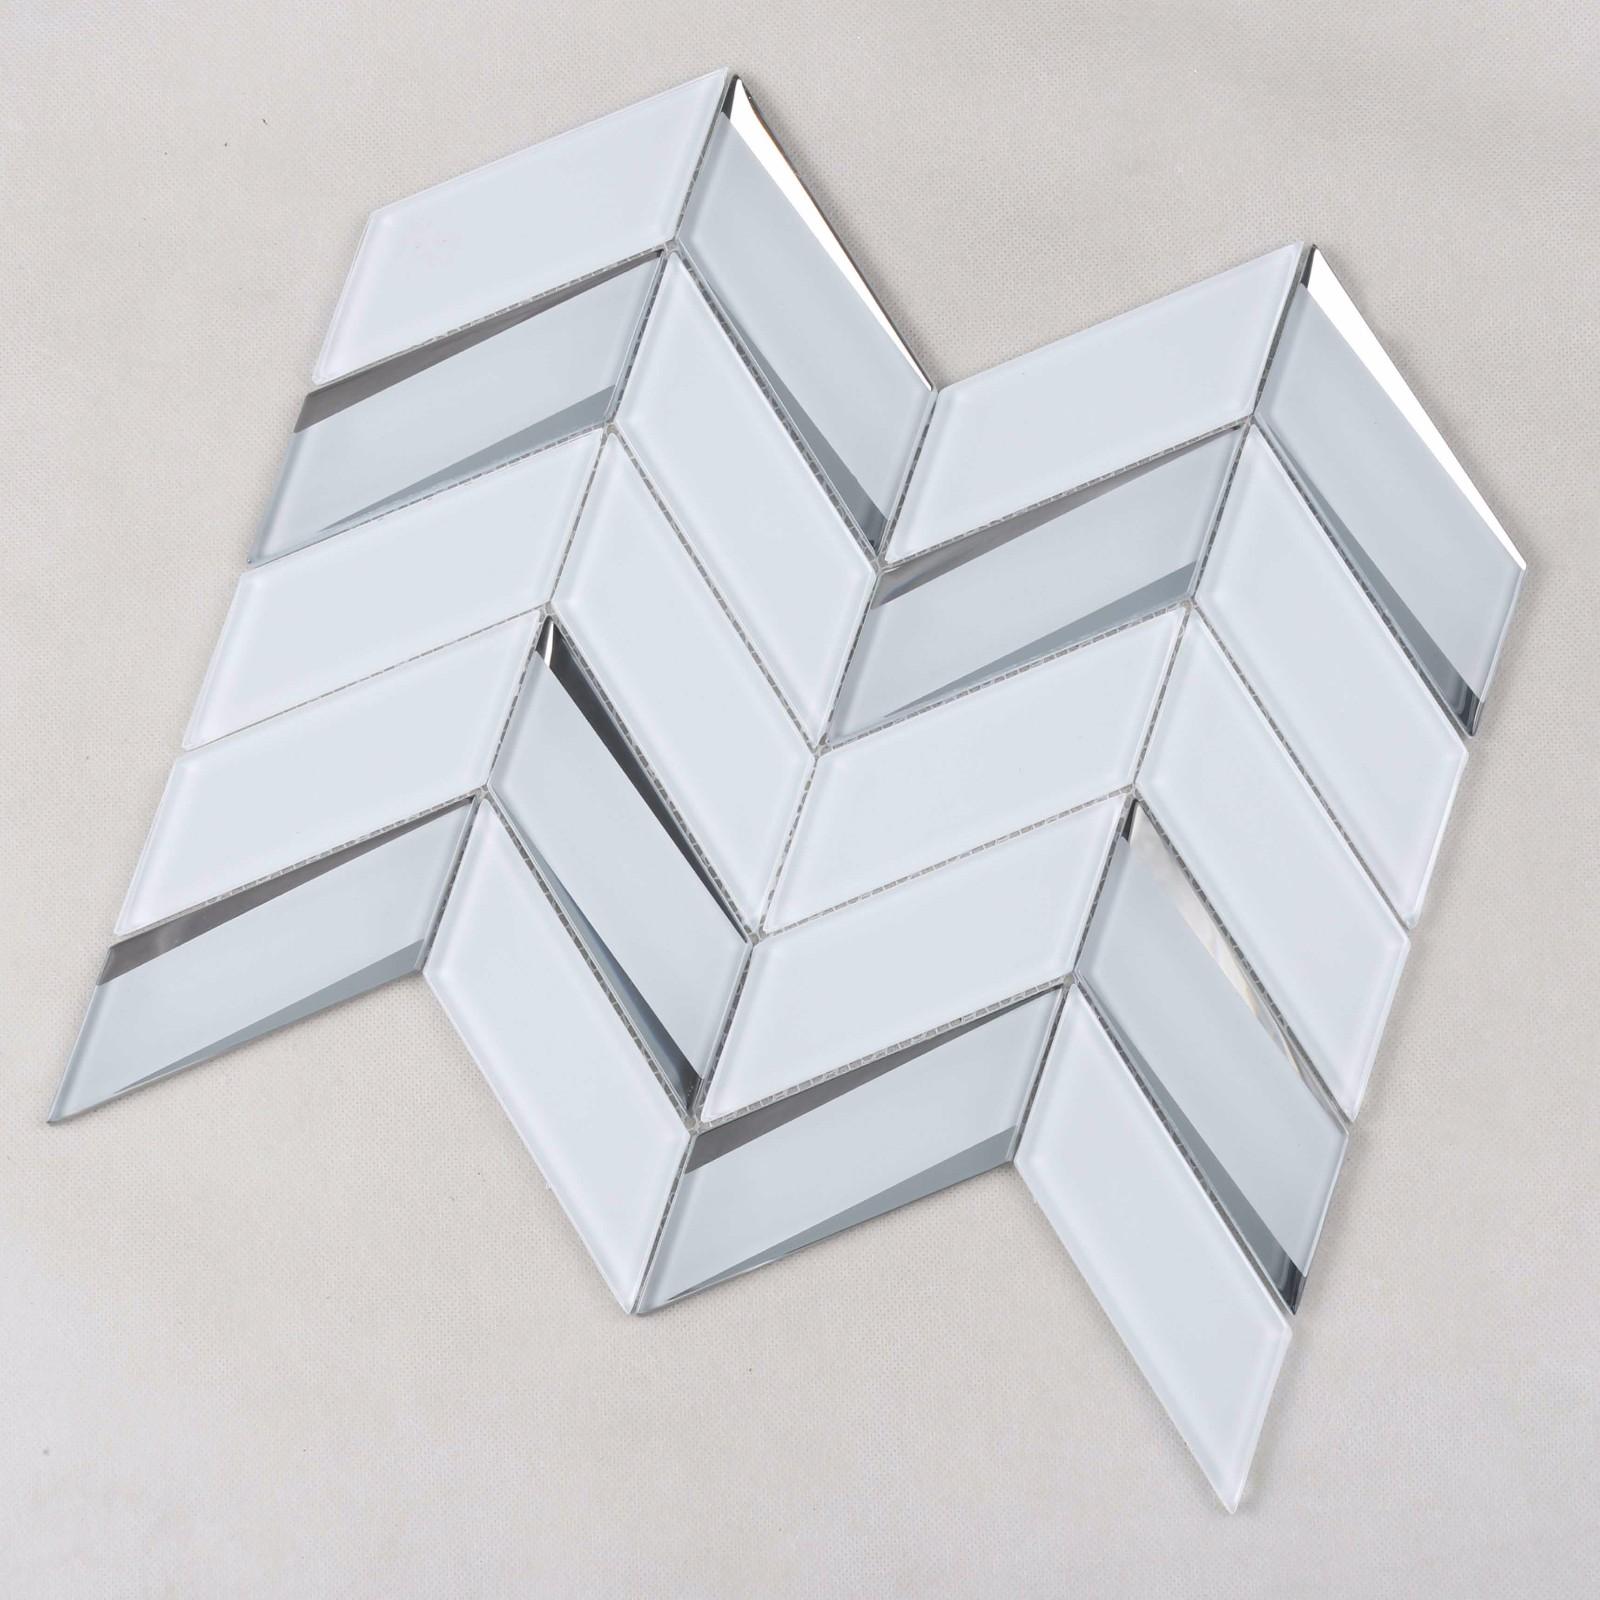 Heng Xing-Oem Inkjet Tile Manufacturer, Glass Metal Backsplash | Heng Xing-1